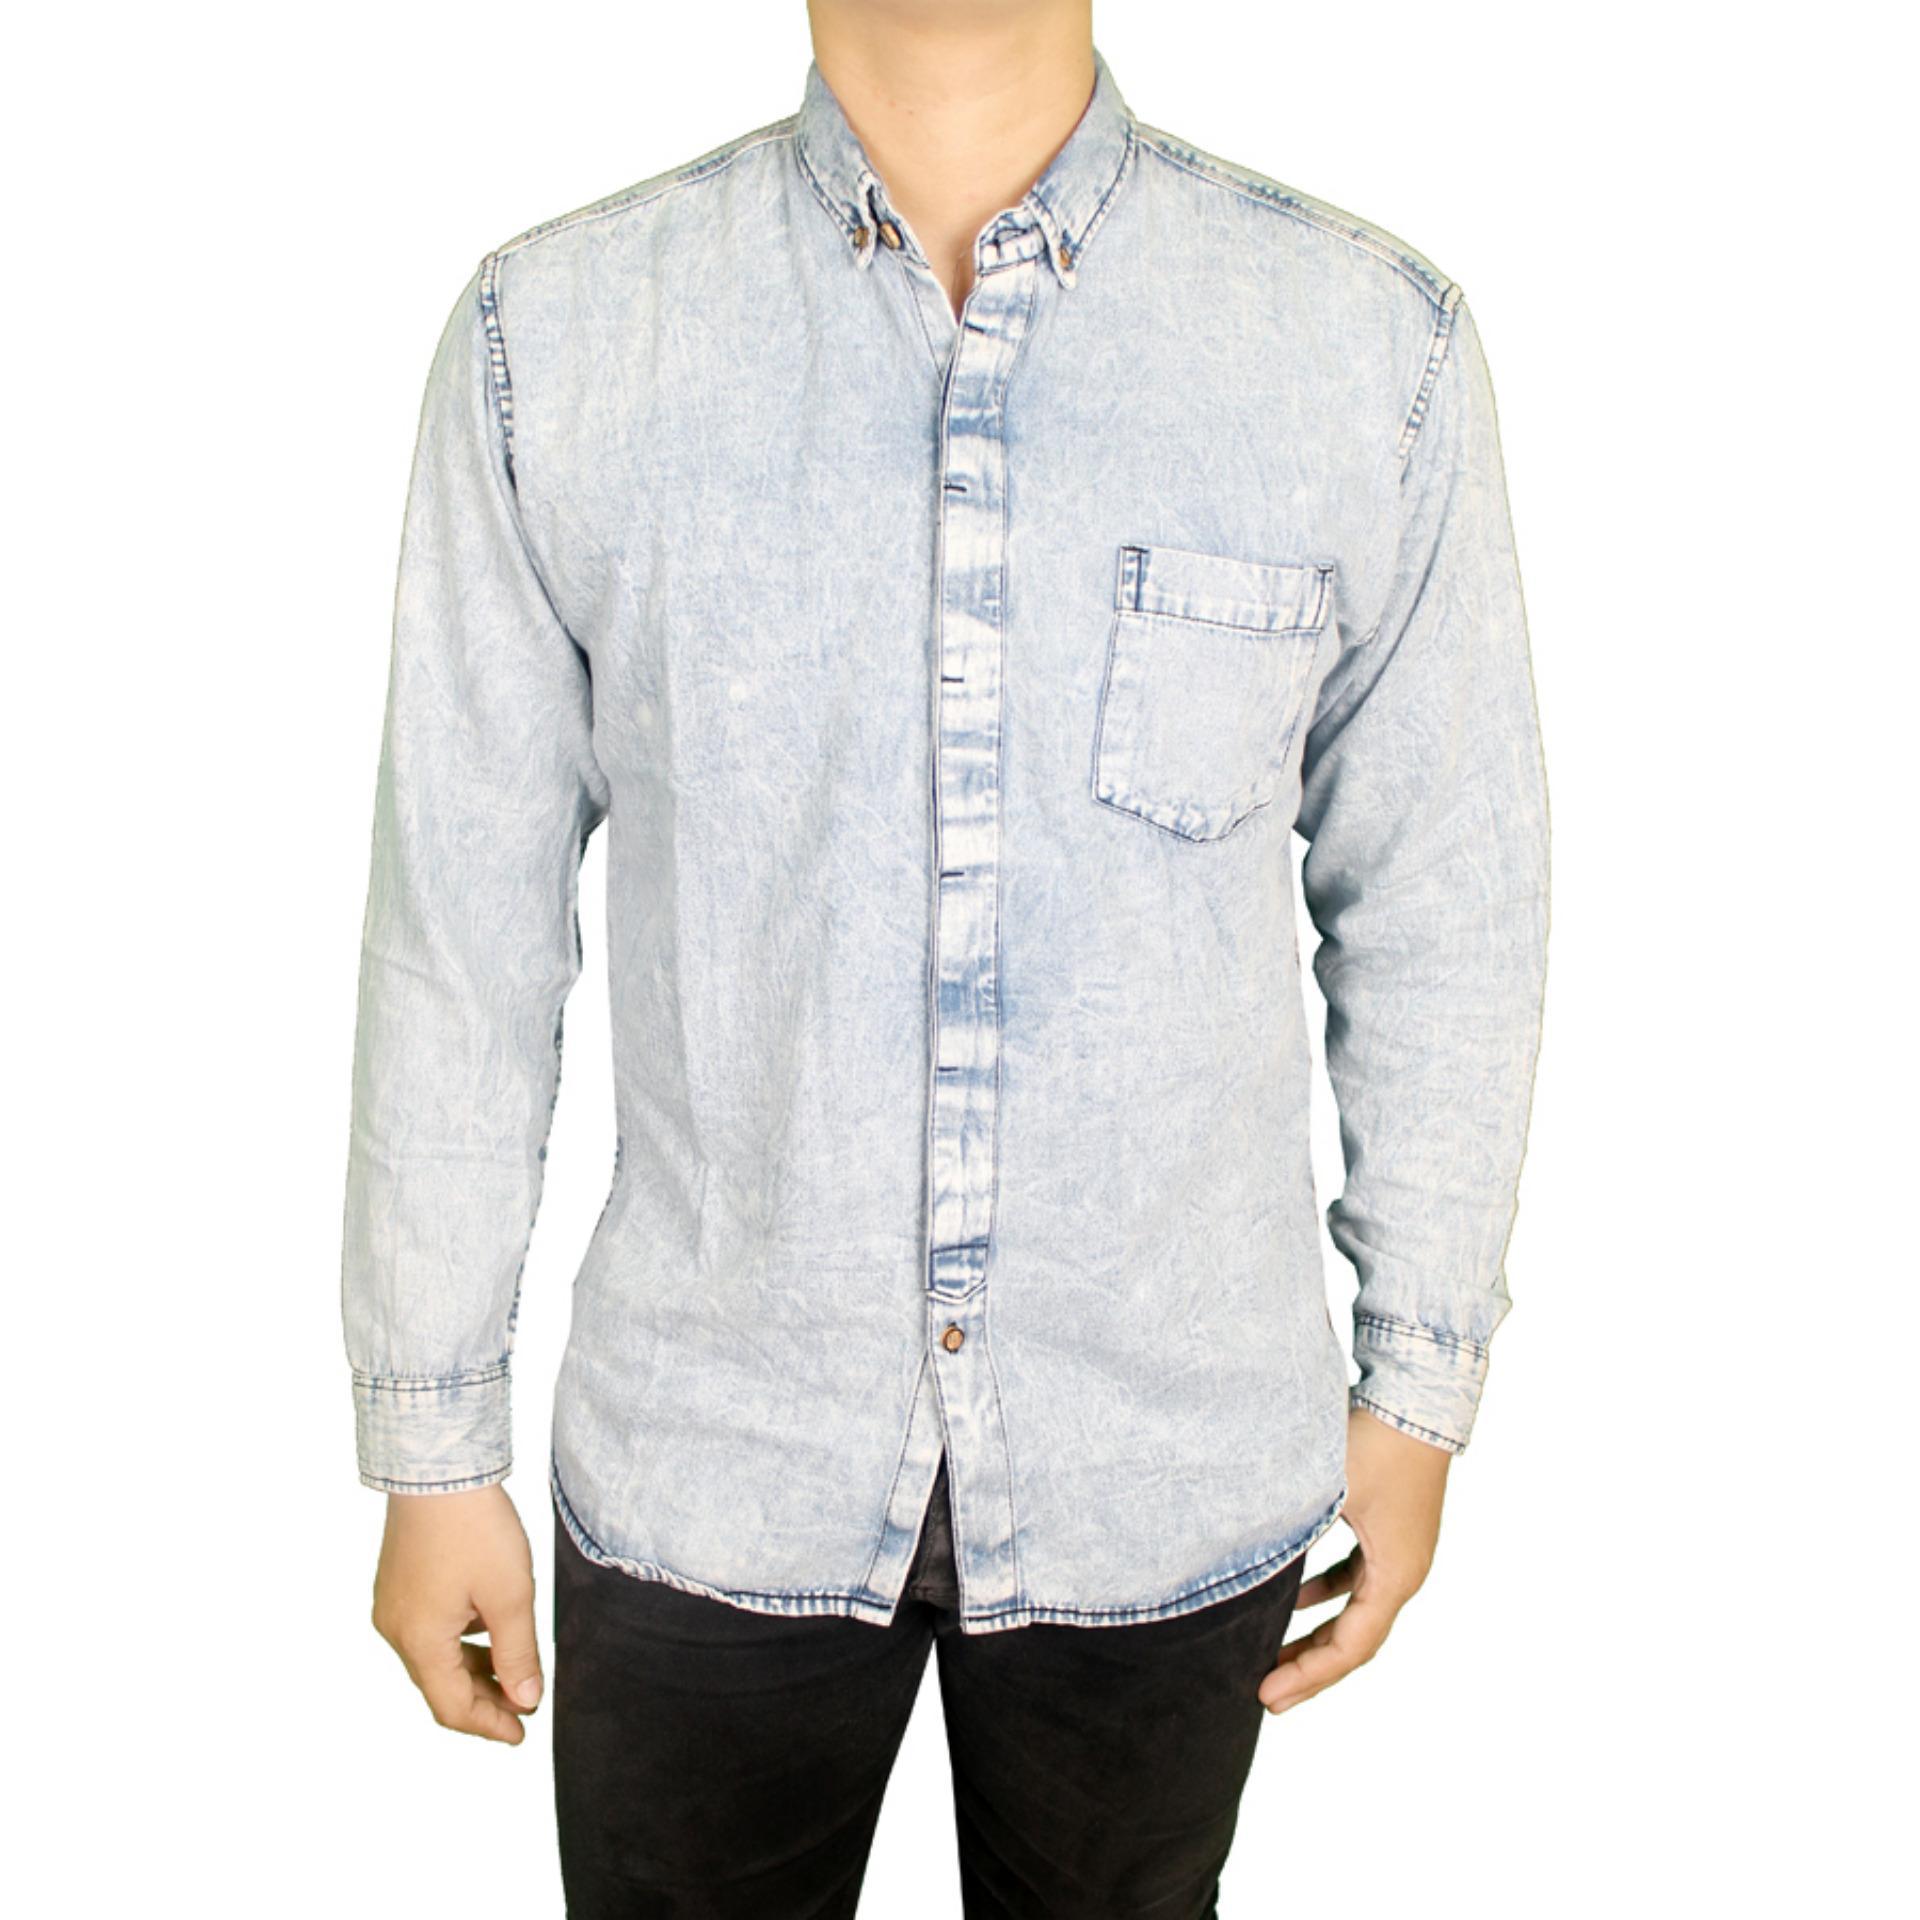 Beli Gudang Fashion Kemeja Jeans Pria Terbaru Biru Gudang Fashion Asli